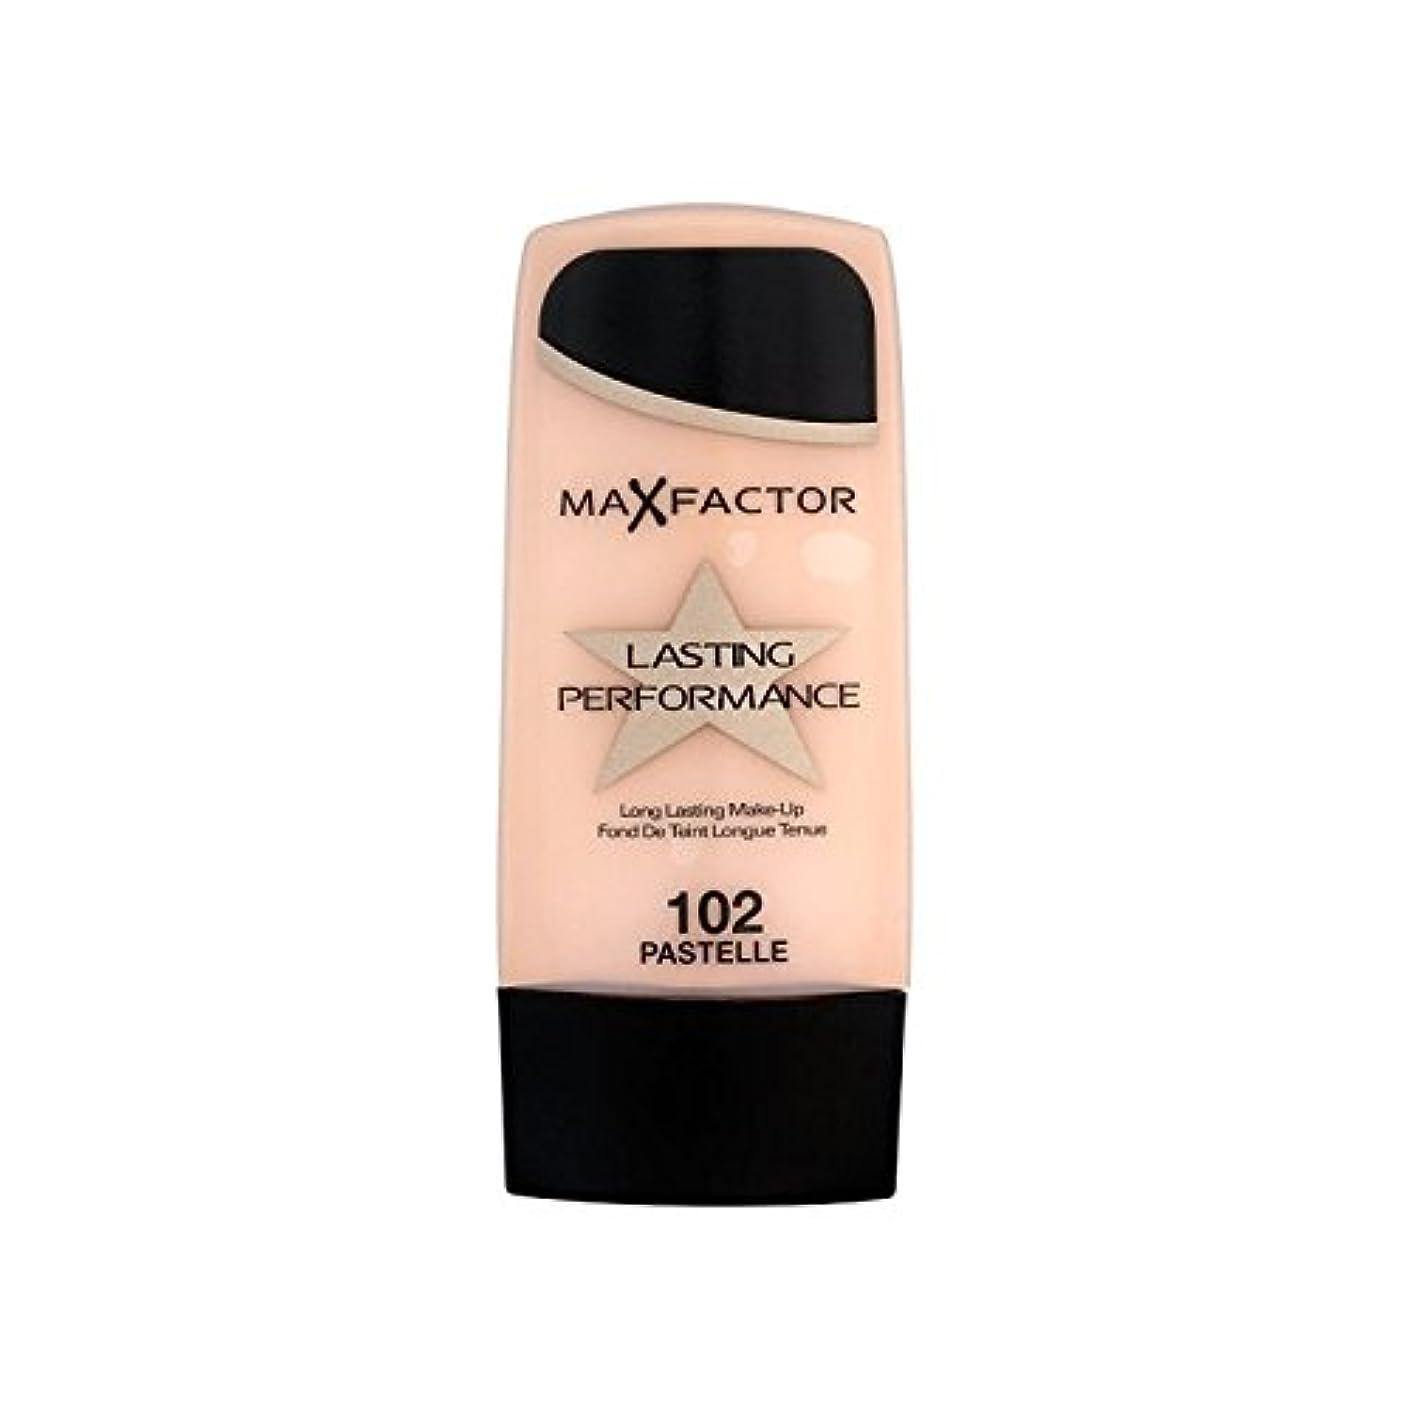 鋭く郵便屋さん砂マックスファクター持続パフォーマンスの基礎 102 x4 - Max Factor Lasting Performance Foundation Pastelle 102 (Pack of 4) [並行輸入品]